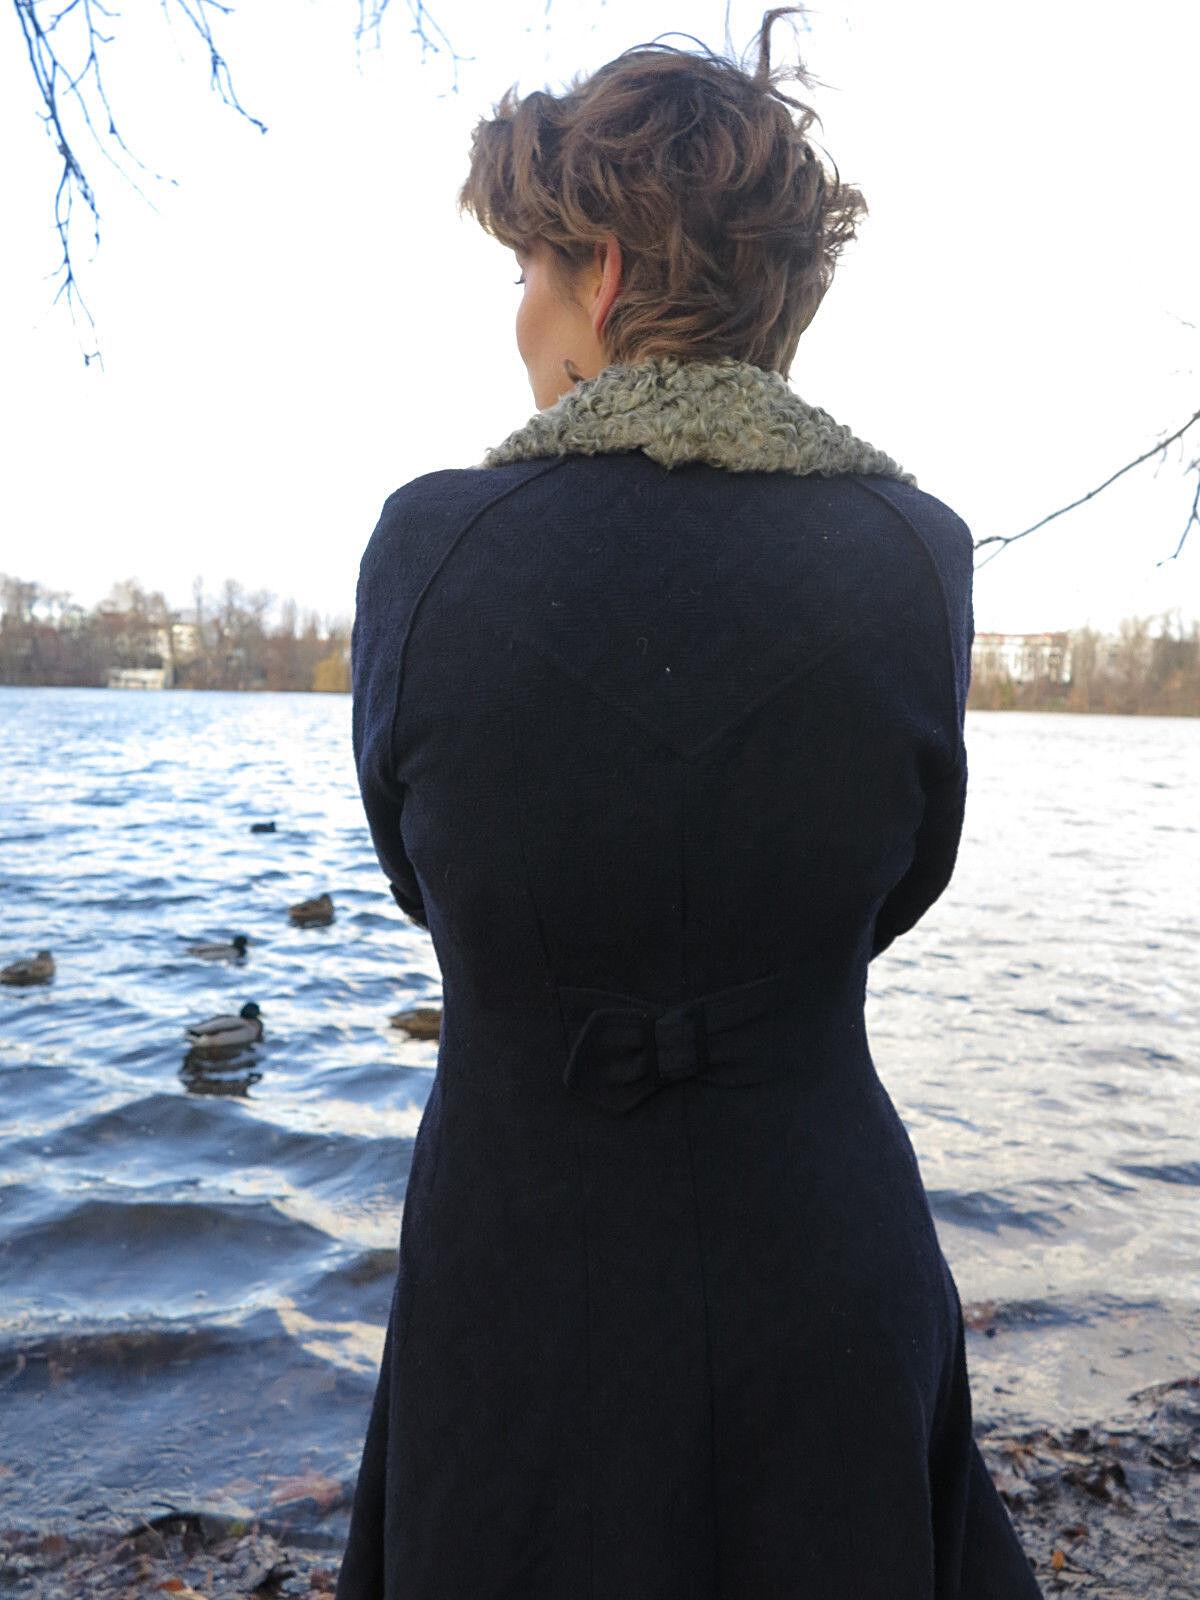 30er antik Damen Mantel blau Pelz TRUE VINTAGE VINTAGE VINTAGE 30s handcrafted coat with fur | Vogue  | Sale Online Shop  | Lassen Sie unsere Produkte in die Welt gehen  | Online-Shop  | eine große Vielfalt  bbfca4